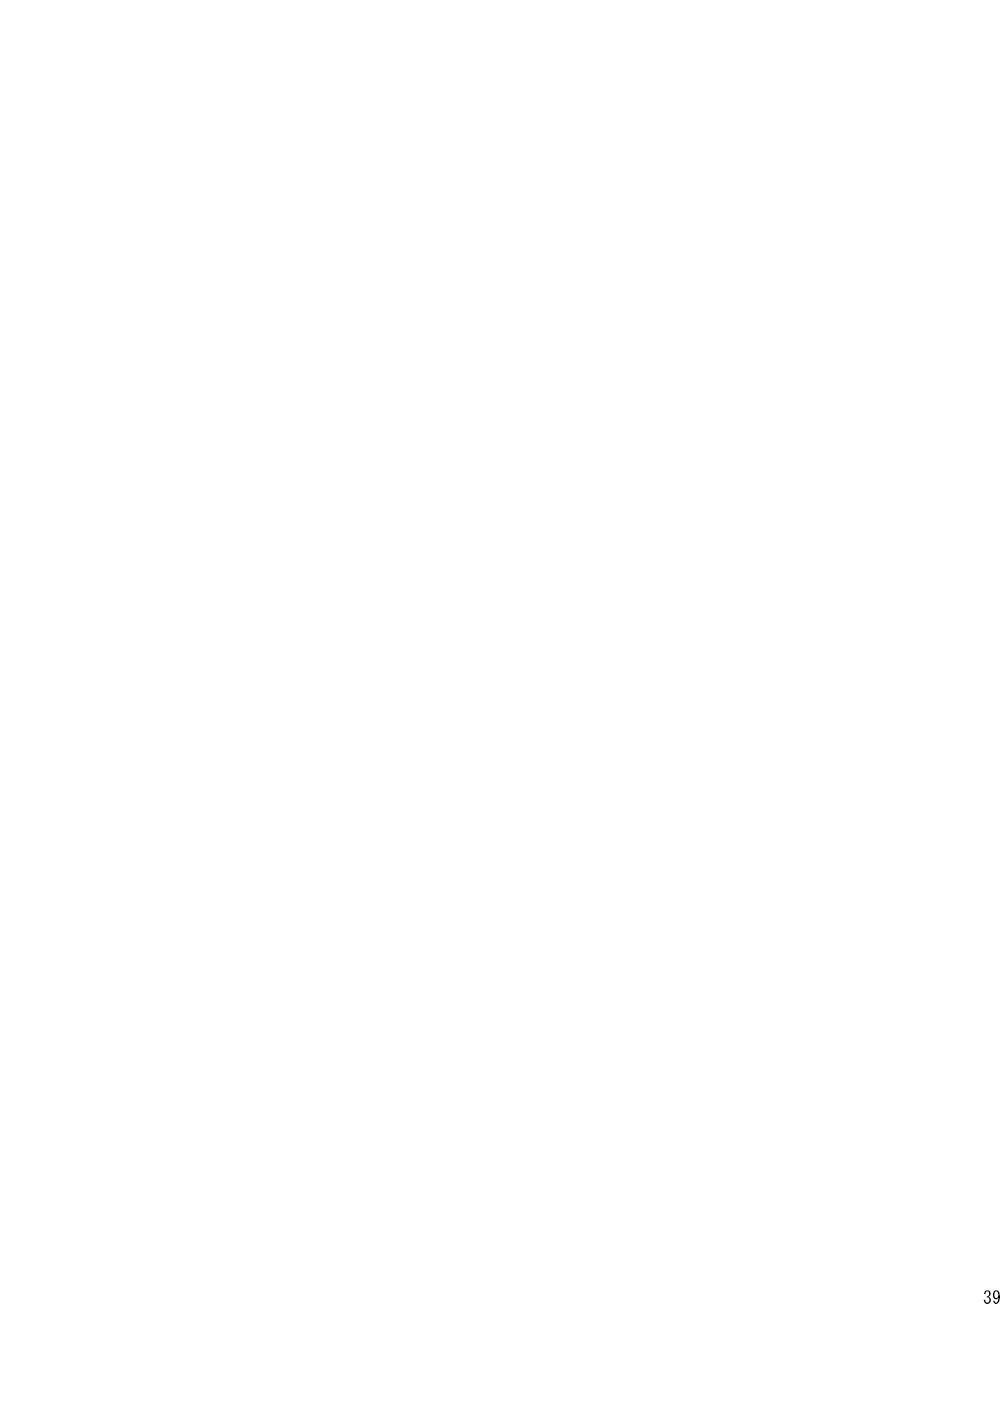 Gekkan Shounen Zoom 2020-05 22